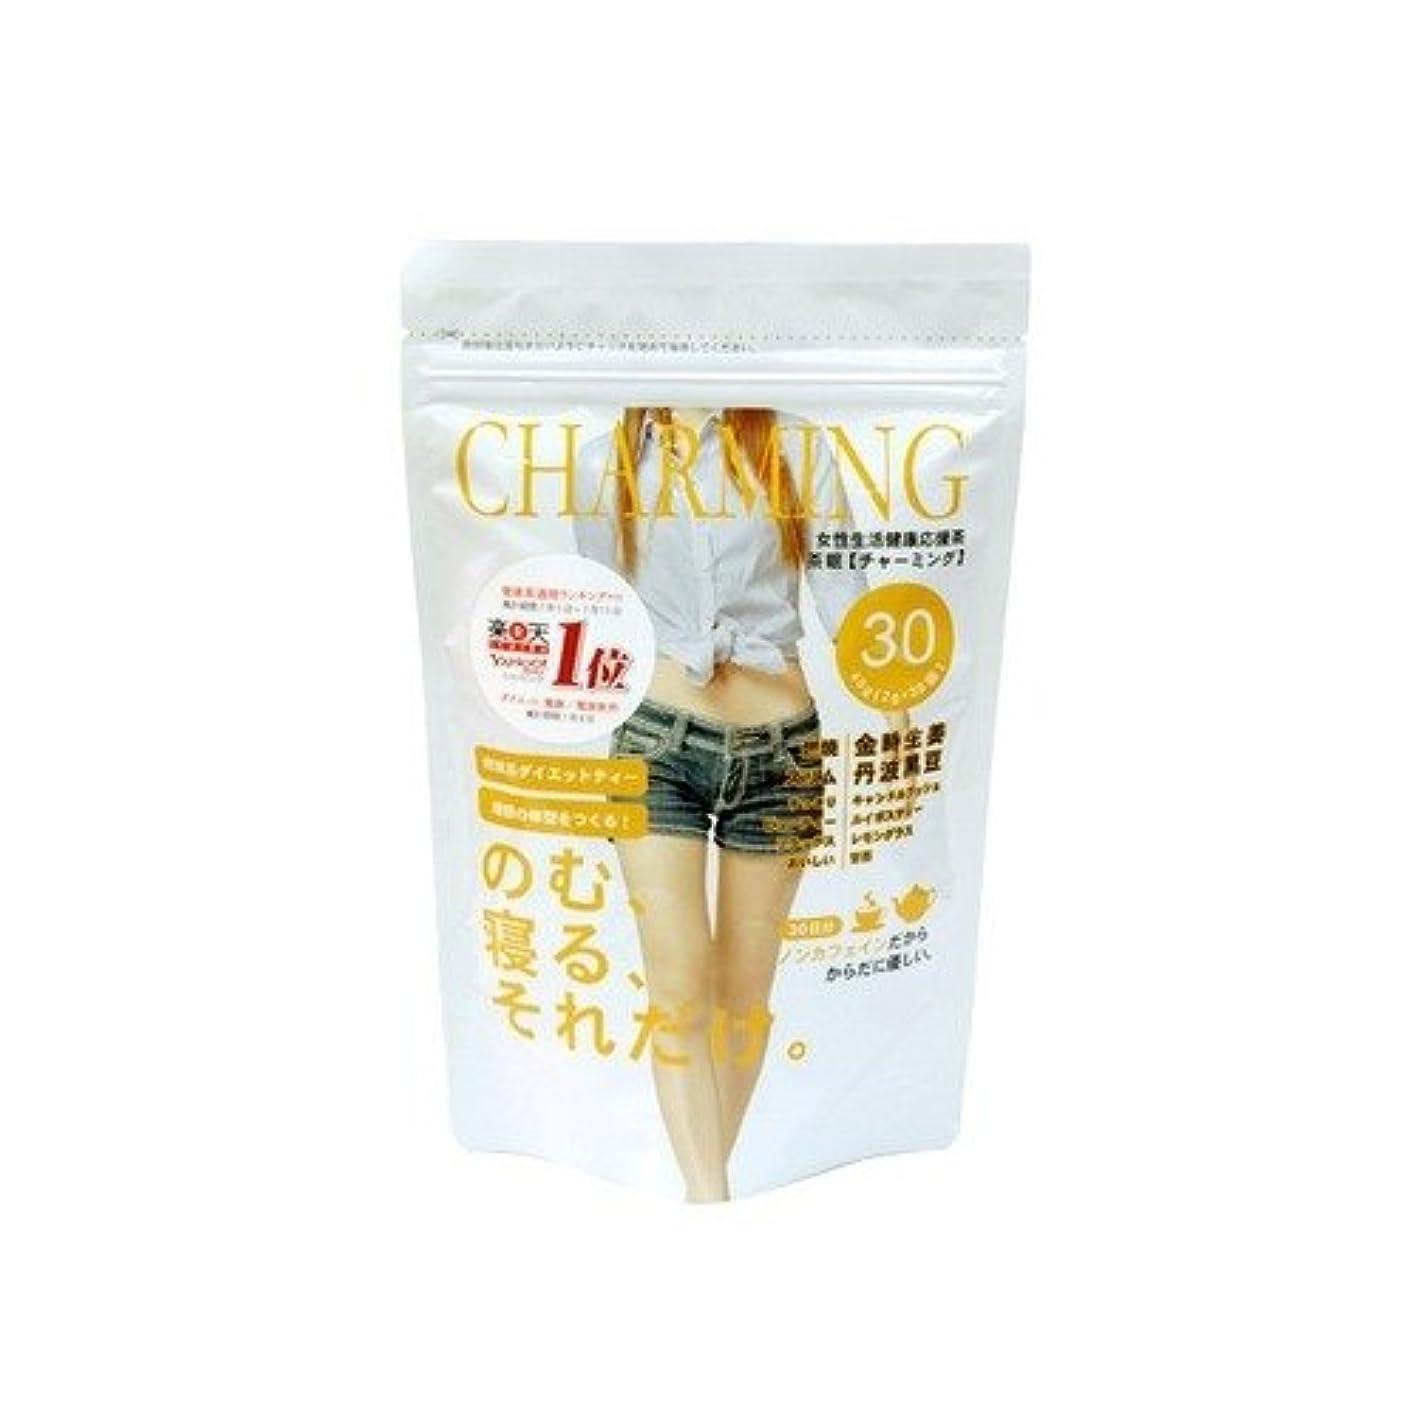 スクレーパー海酔っ払い★ 茶眠(チャーミング) 30包 CHARMING